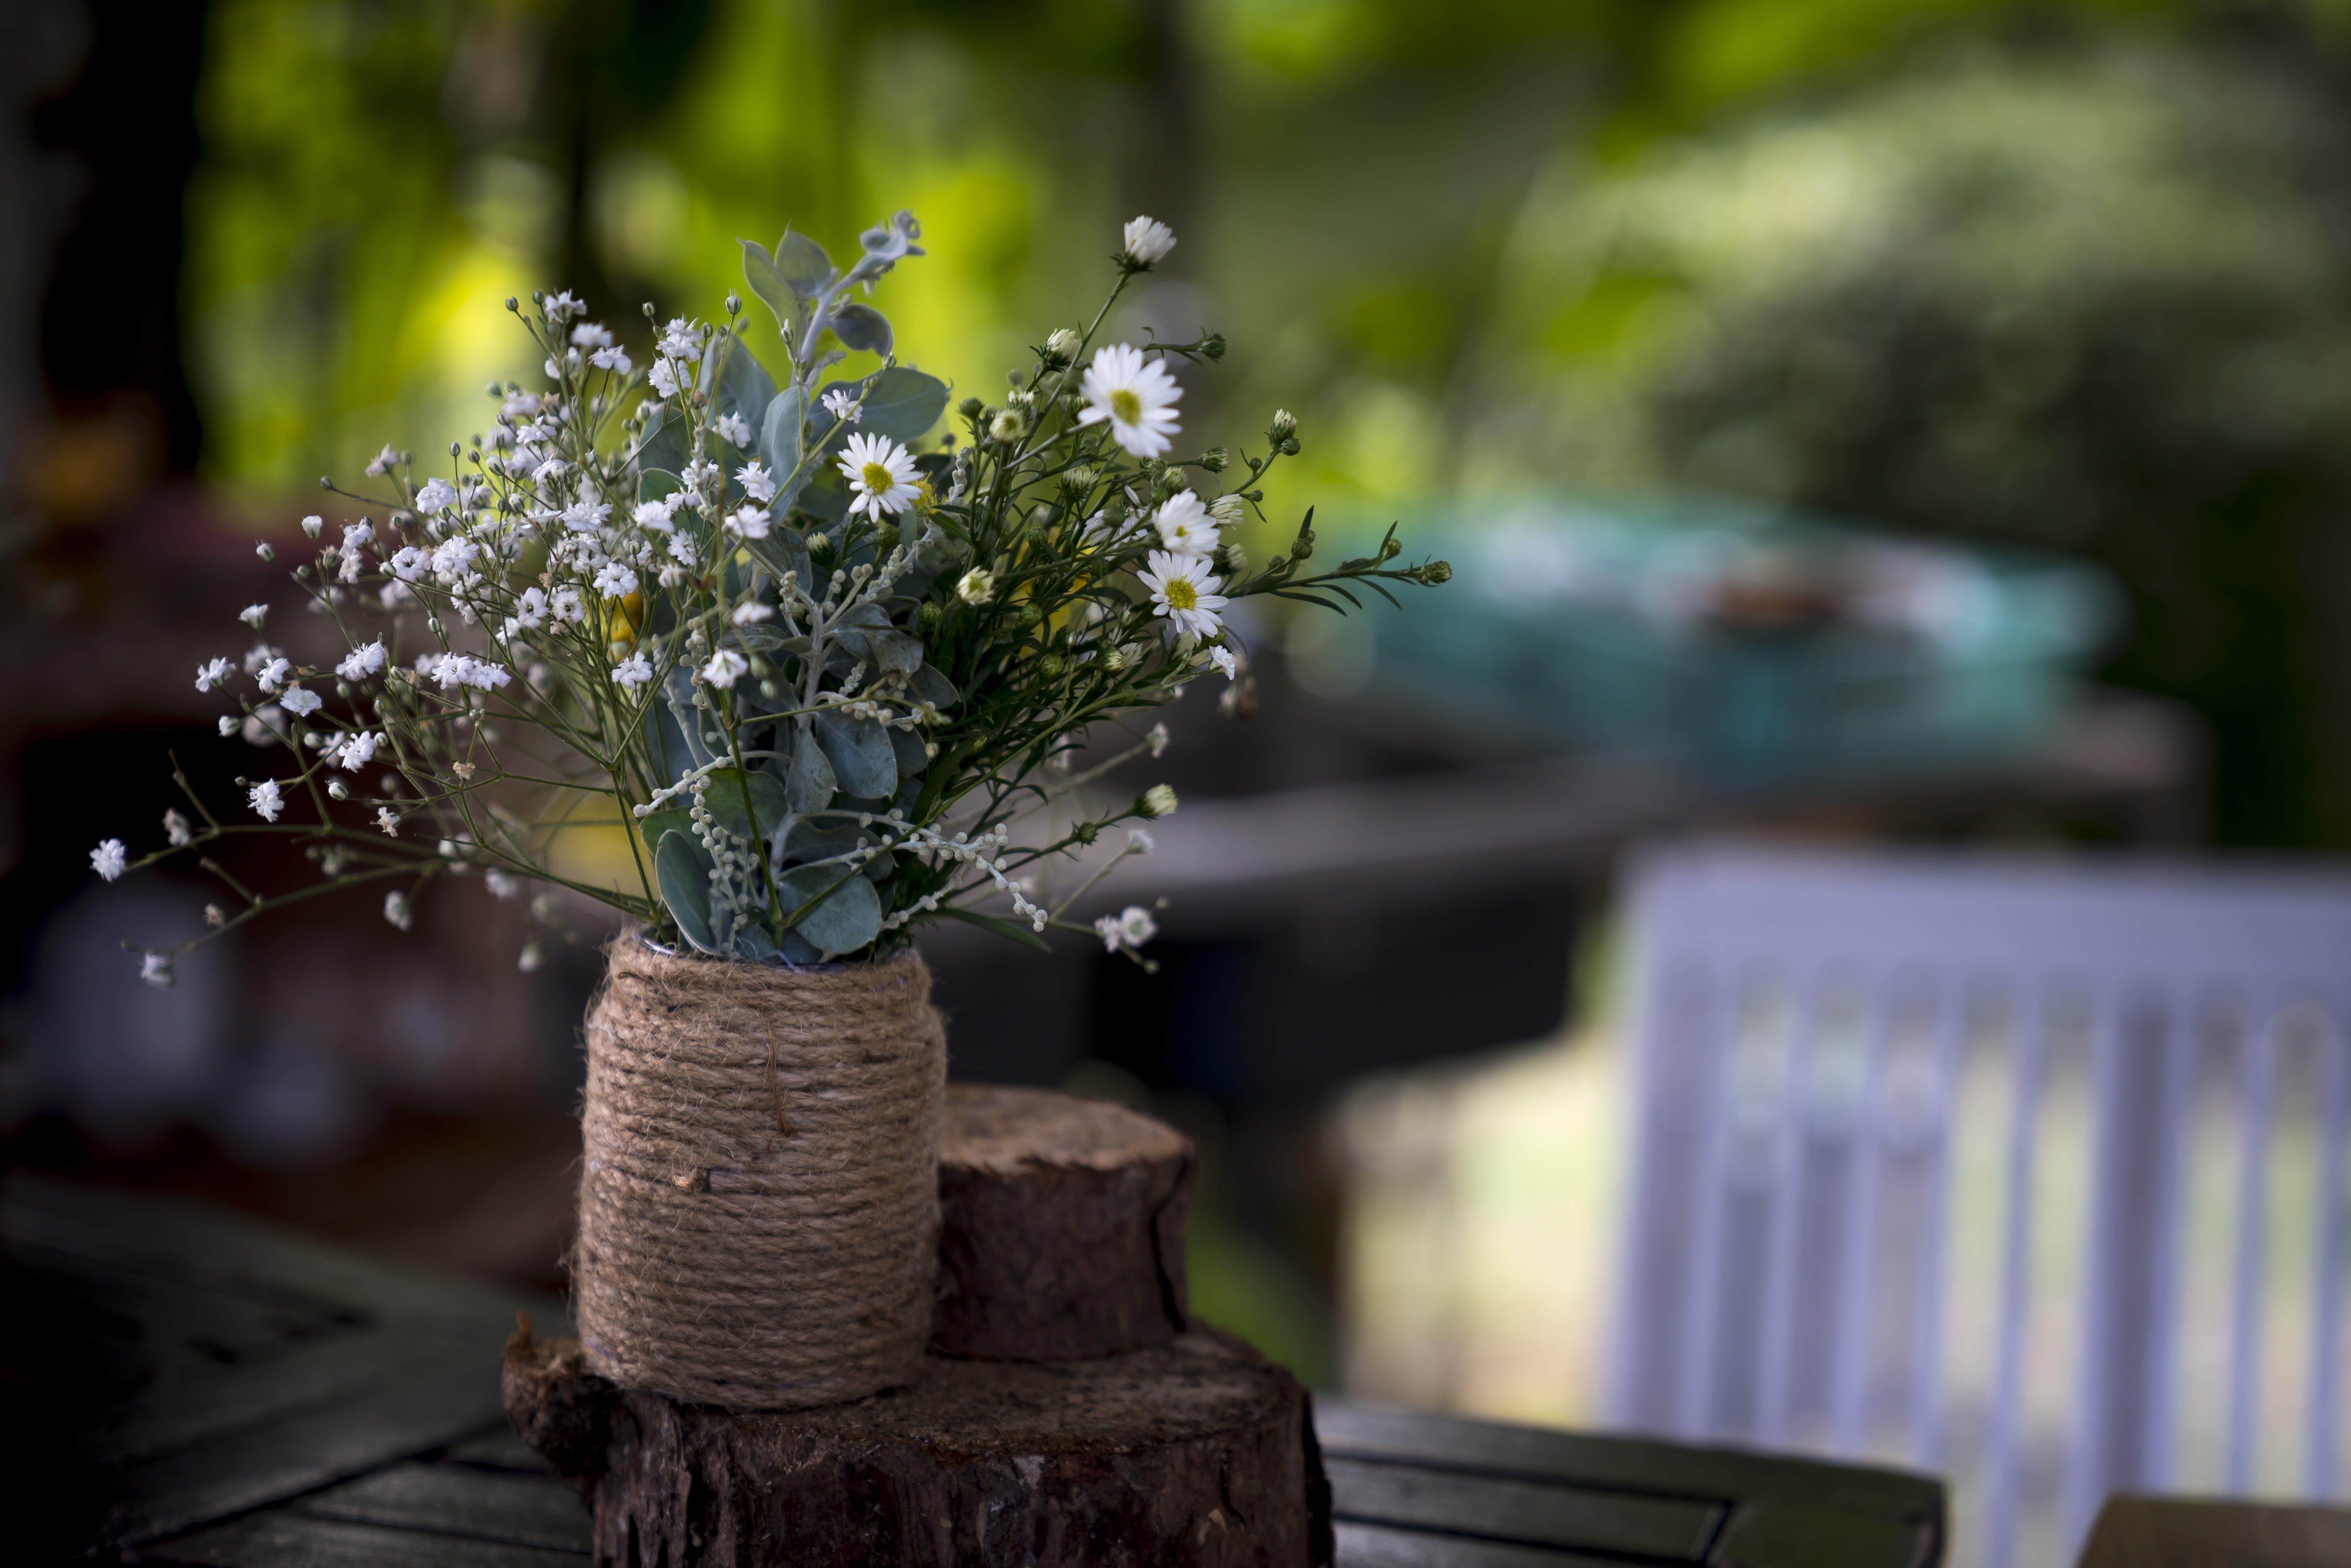 Ảnh lưu trữ miễn phí về cái bình hoa, cắm hoa, cuộc sống tĩnh lặng, gỗ